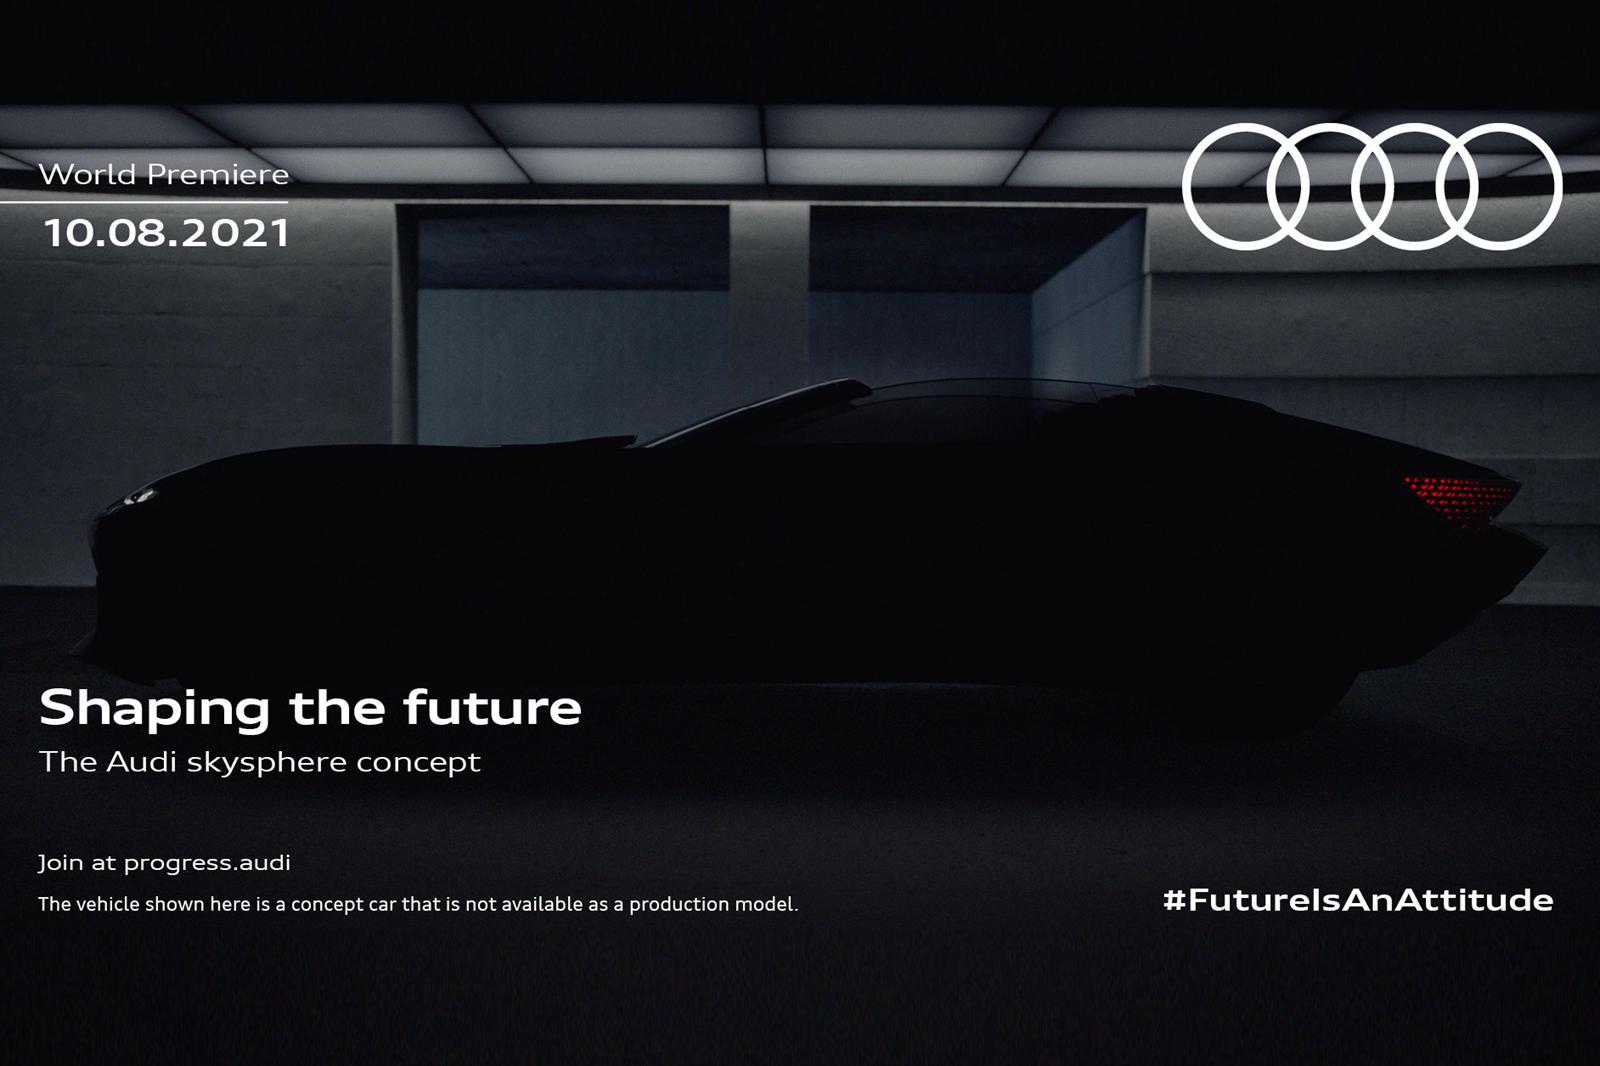 Лихте называет Sky Sphere «спортивным трансформируемым автомобилем». Он описывает его как «настоящий спортивный автомобиль», который может трансформироваться в автономный салон. Хотя мы не видели интерьер концепта, мы предполагаем, что он будет очень